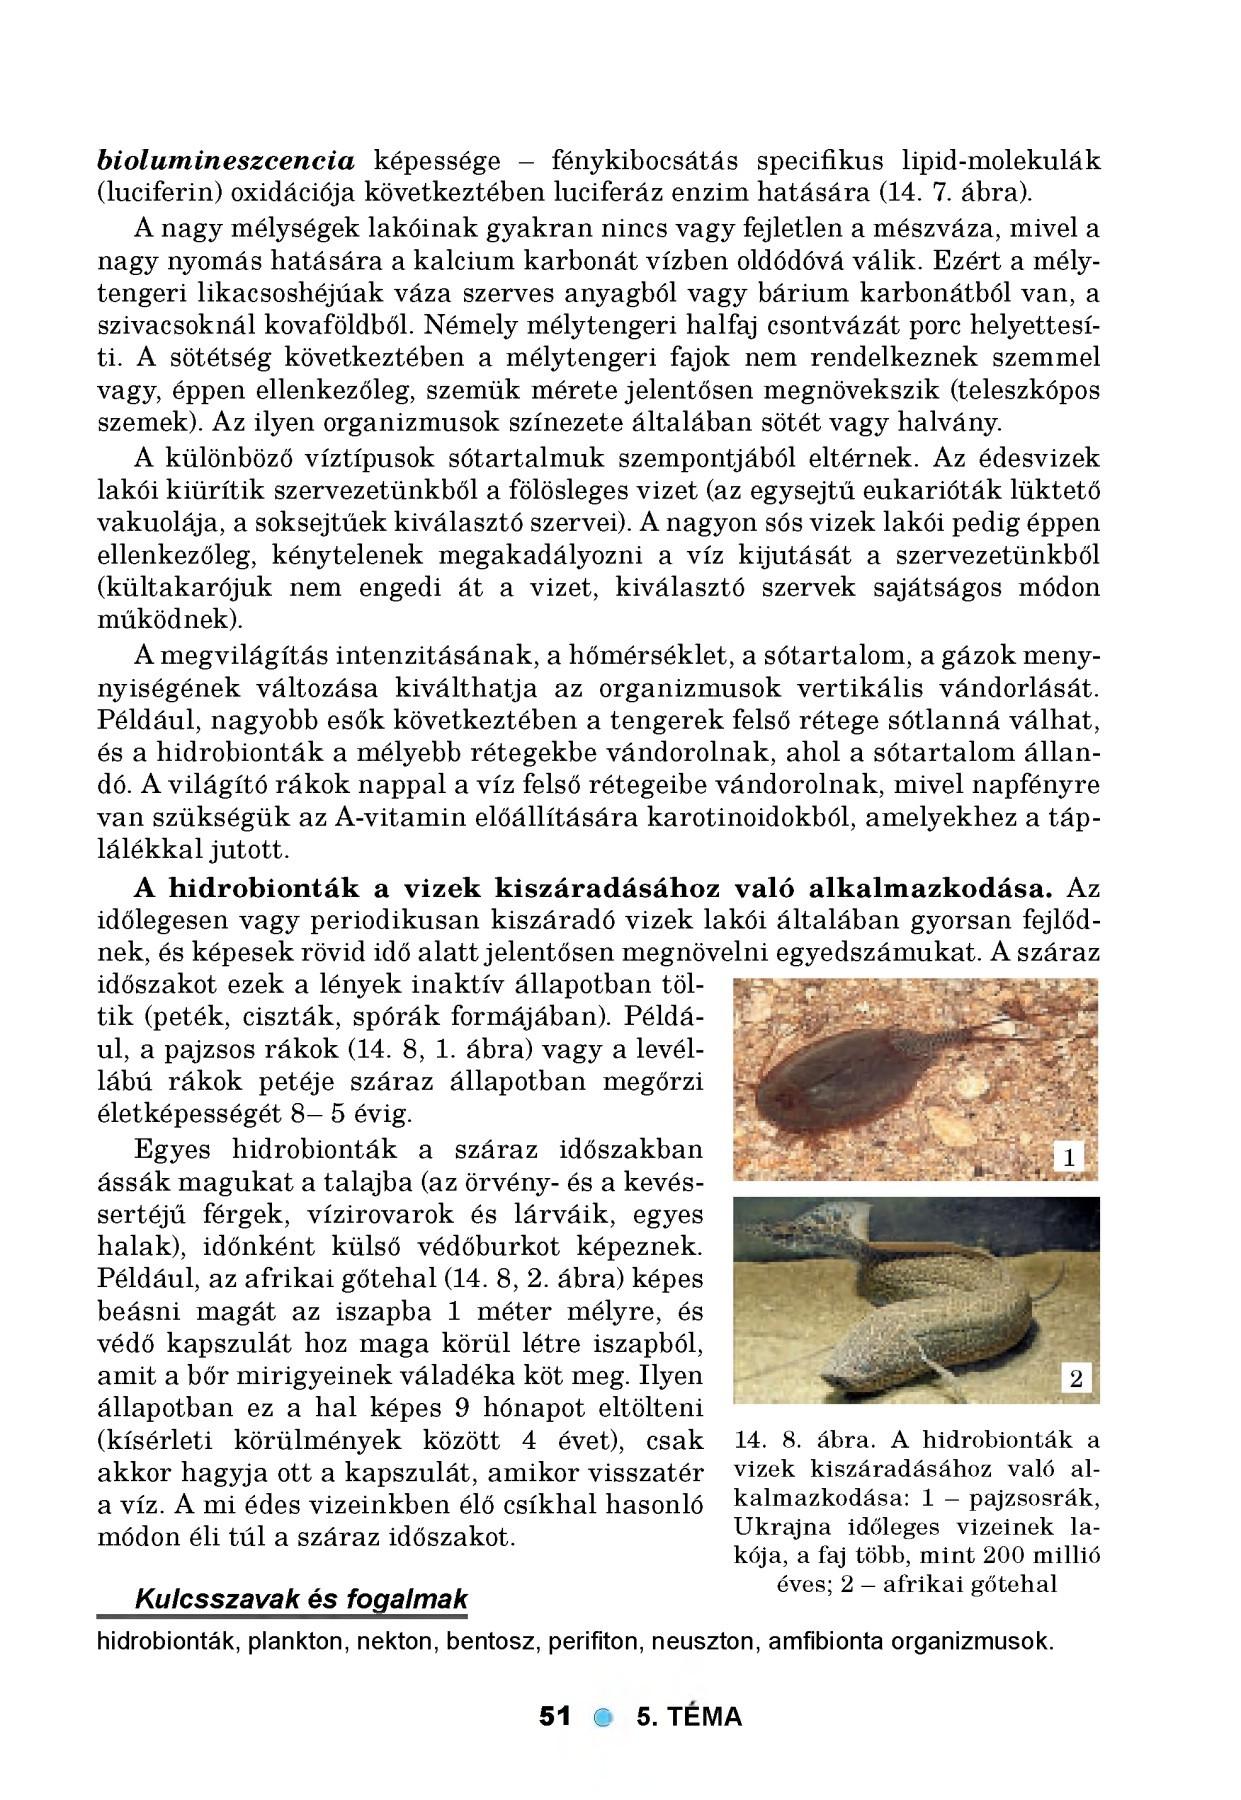 AgrárUnió - Szádor, az agresszív élősködő – A védekezés lehetőségei a napraforgó-termesztésben